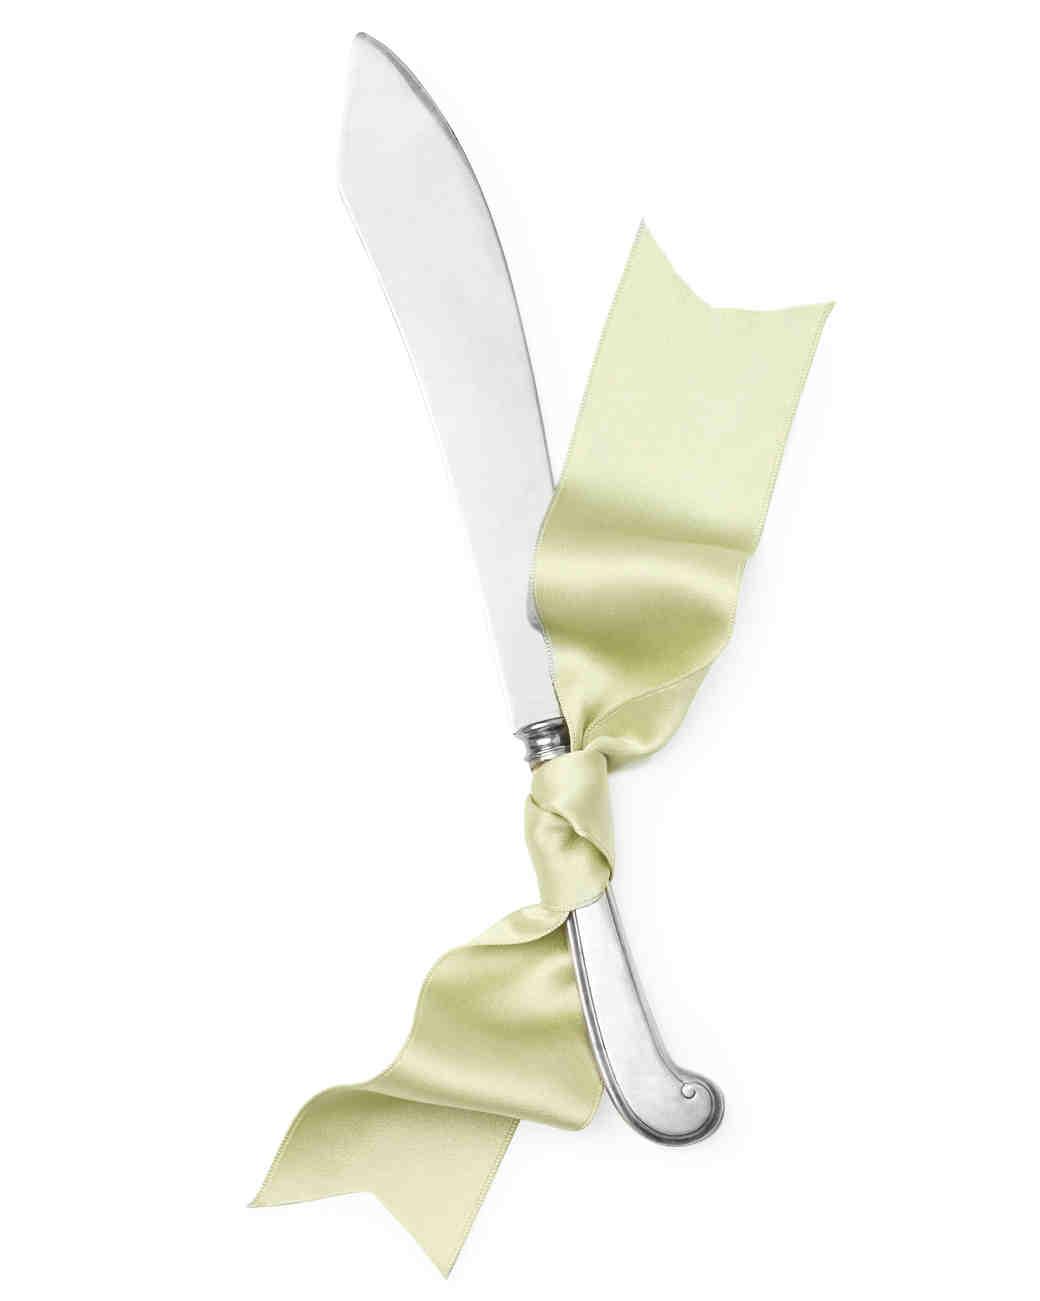 knife-01-d112318.jpg